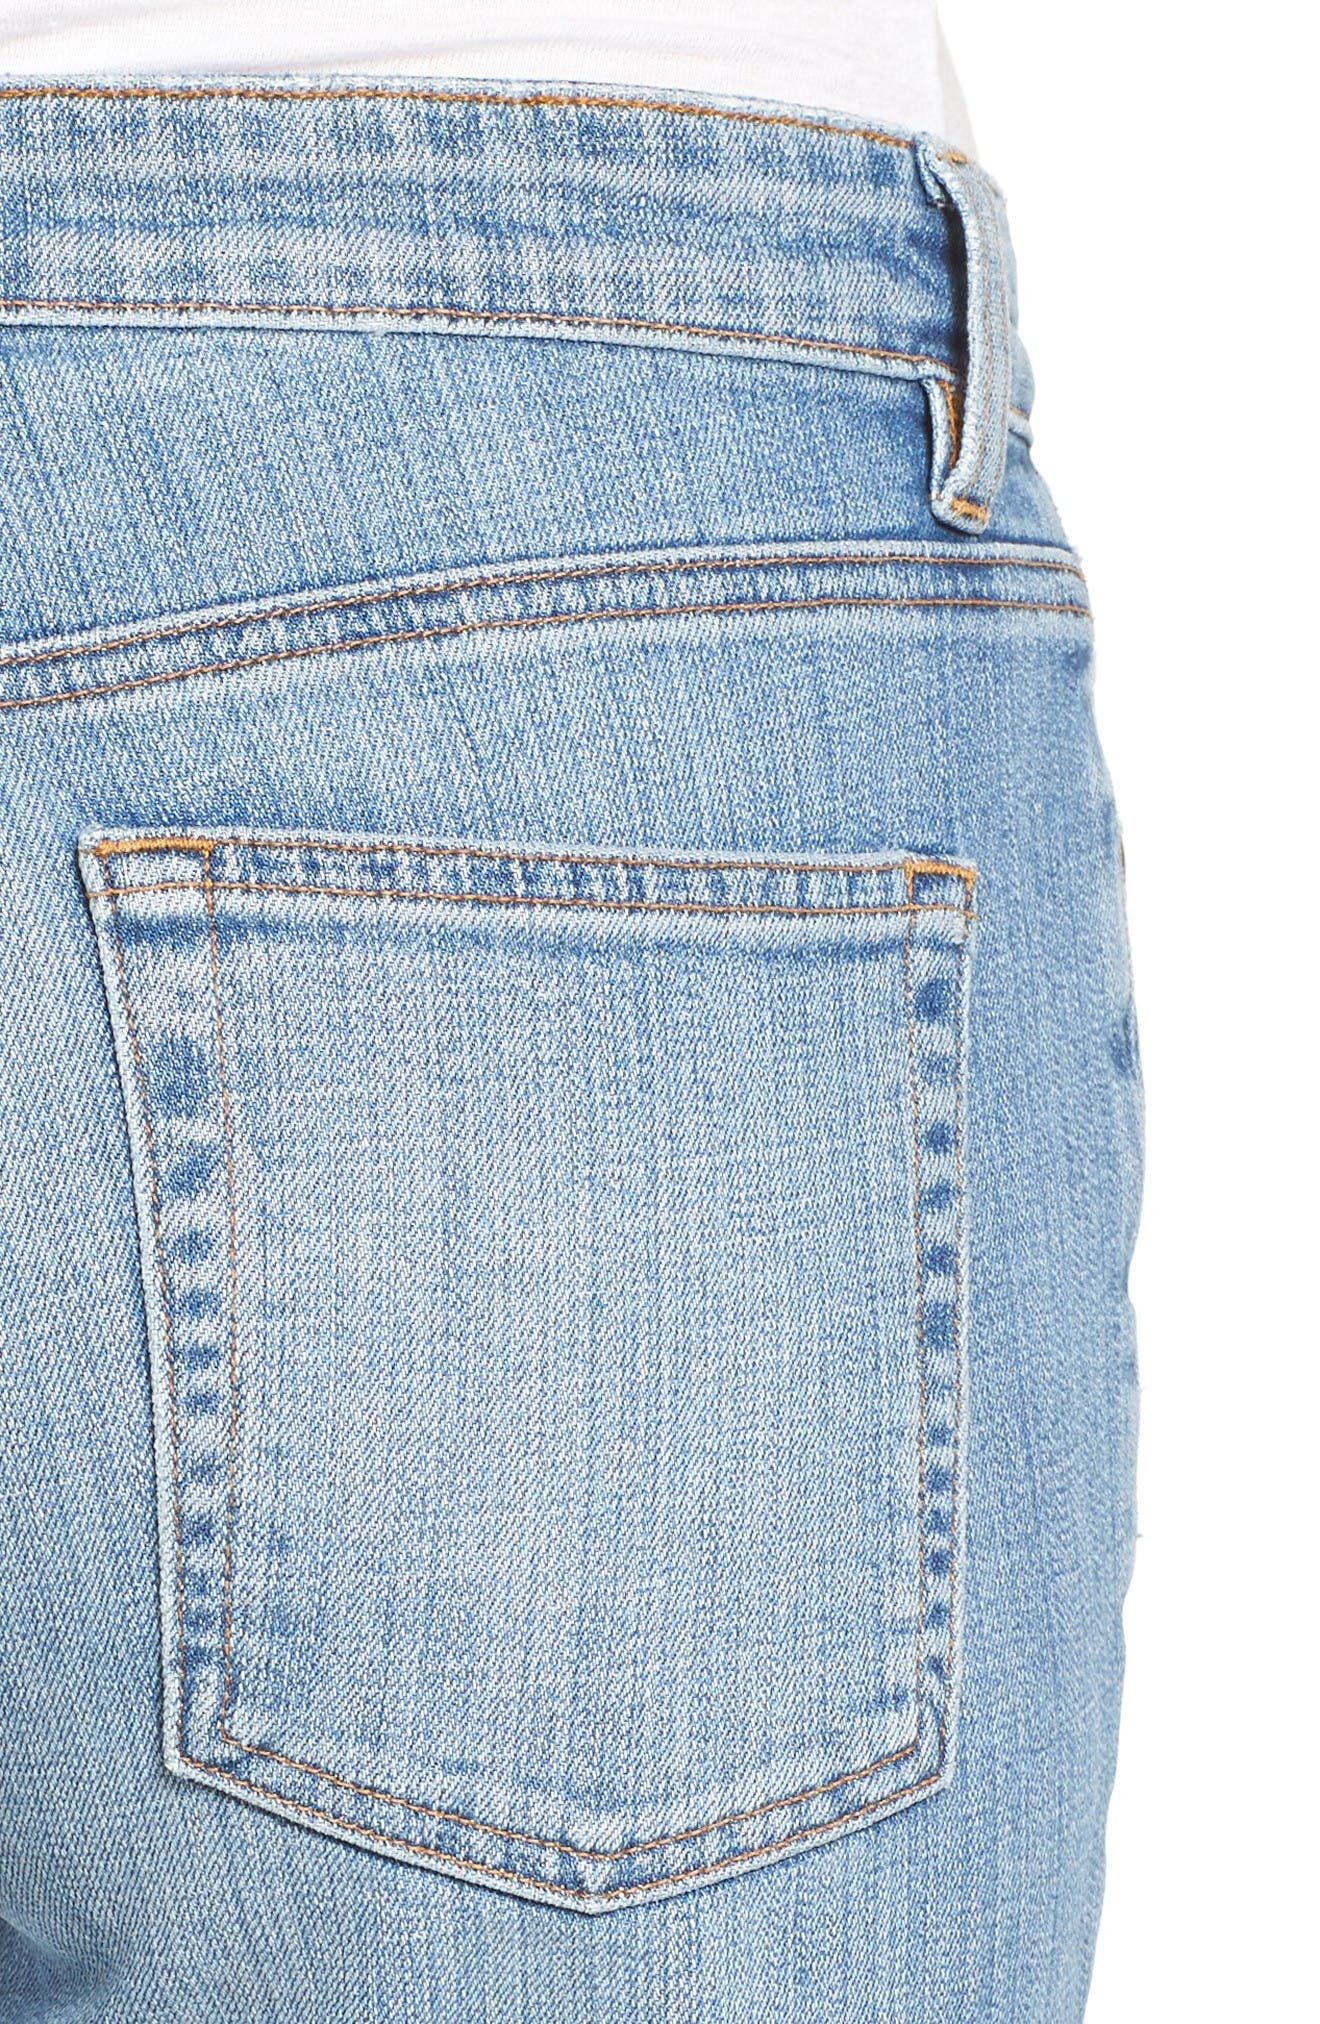 Organic Cotton Boyfriend Jeans,                             Alternate thumbnail 4, color,                             Sky Blue